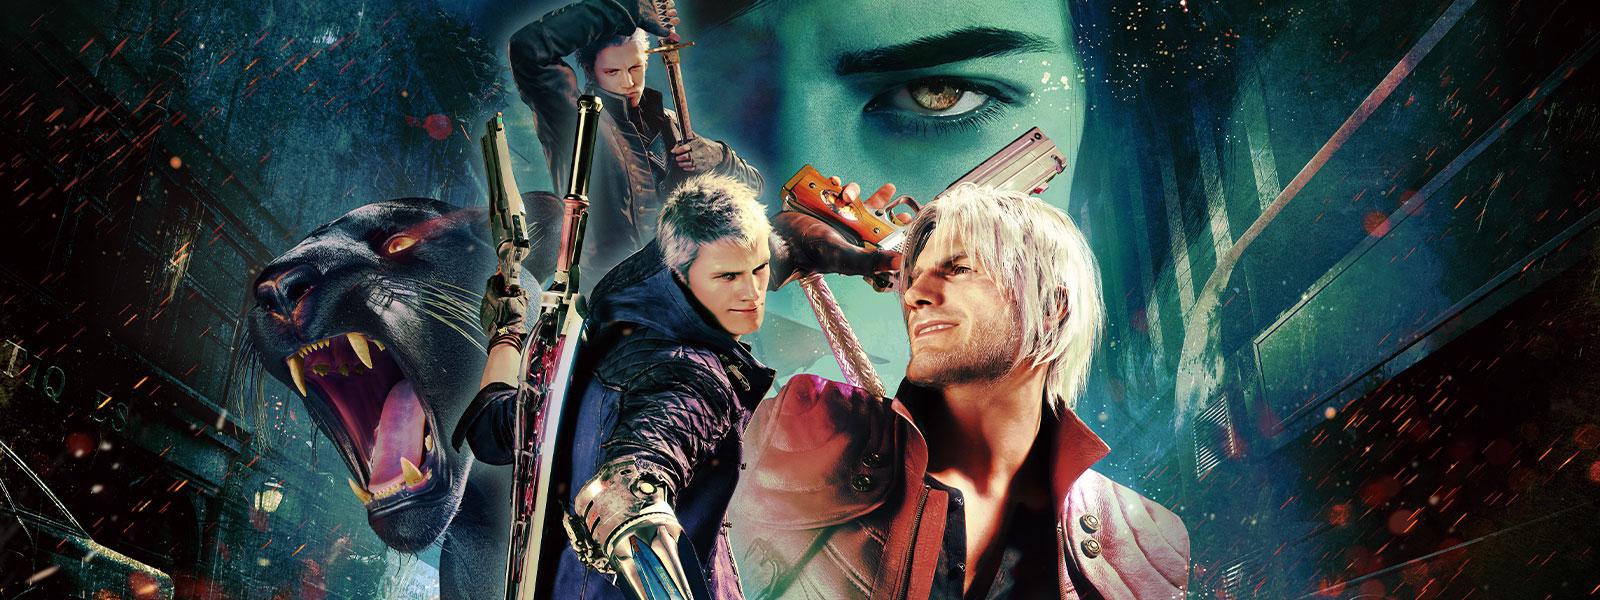 Dante, Nero et Vergil posent avec un V et une panthère noire en arrière-plan